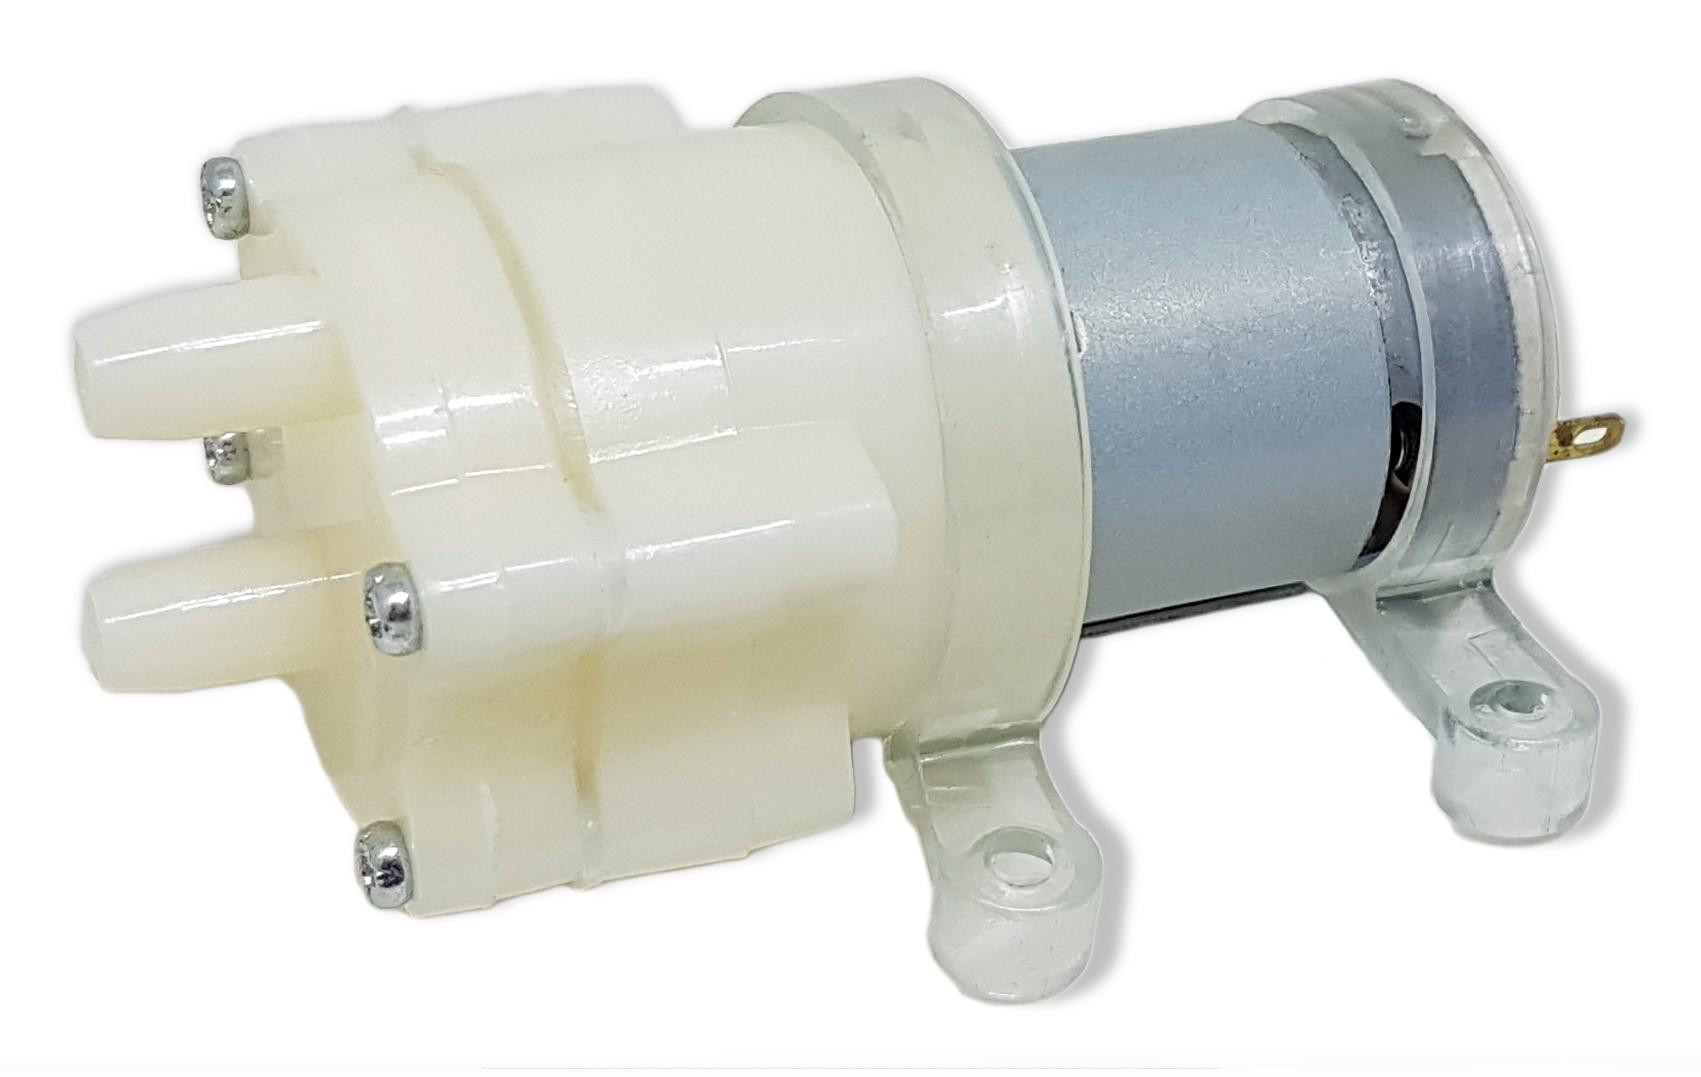 Mini Bomba de Água RS385